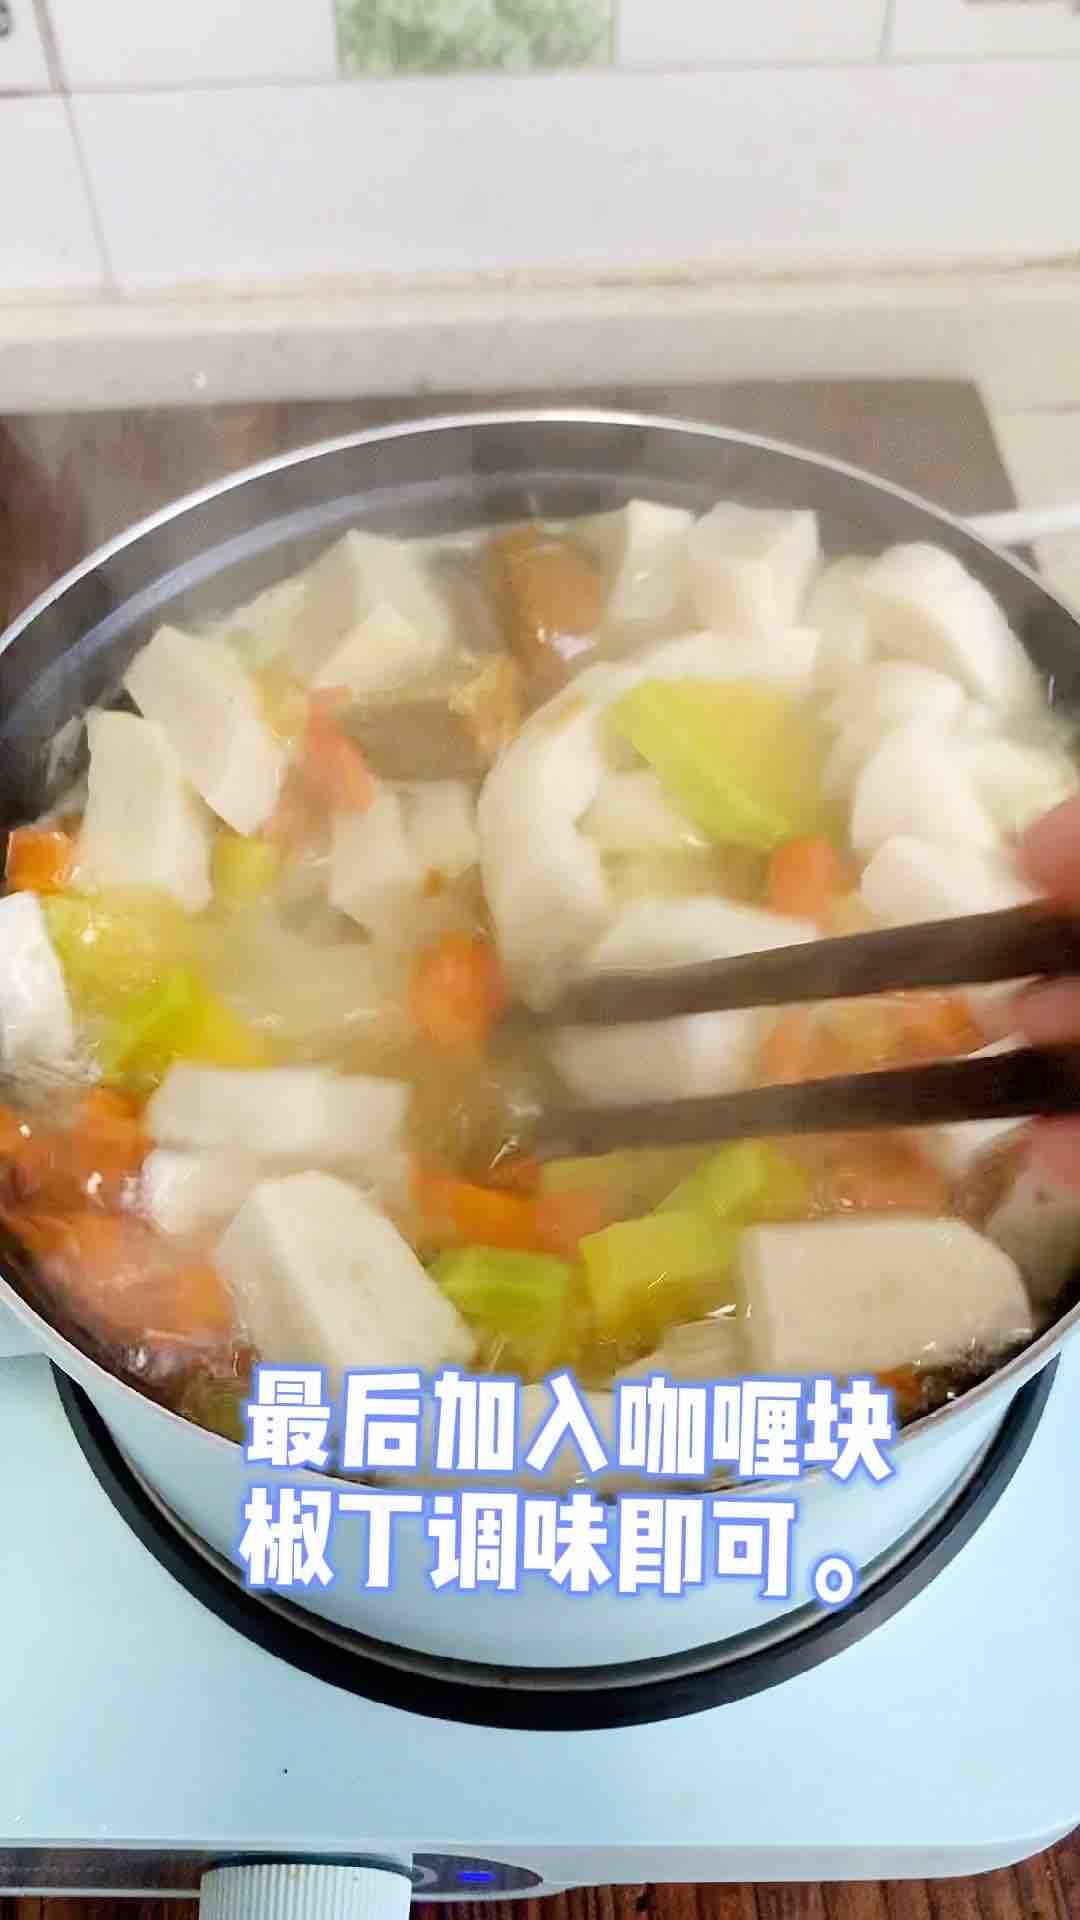 咖喱时蔬鱼饼意面怎么炒